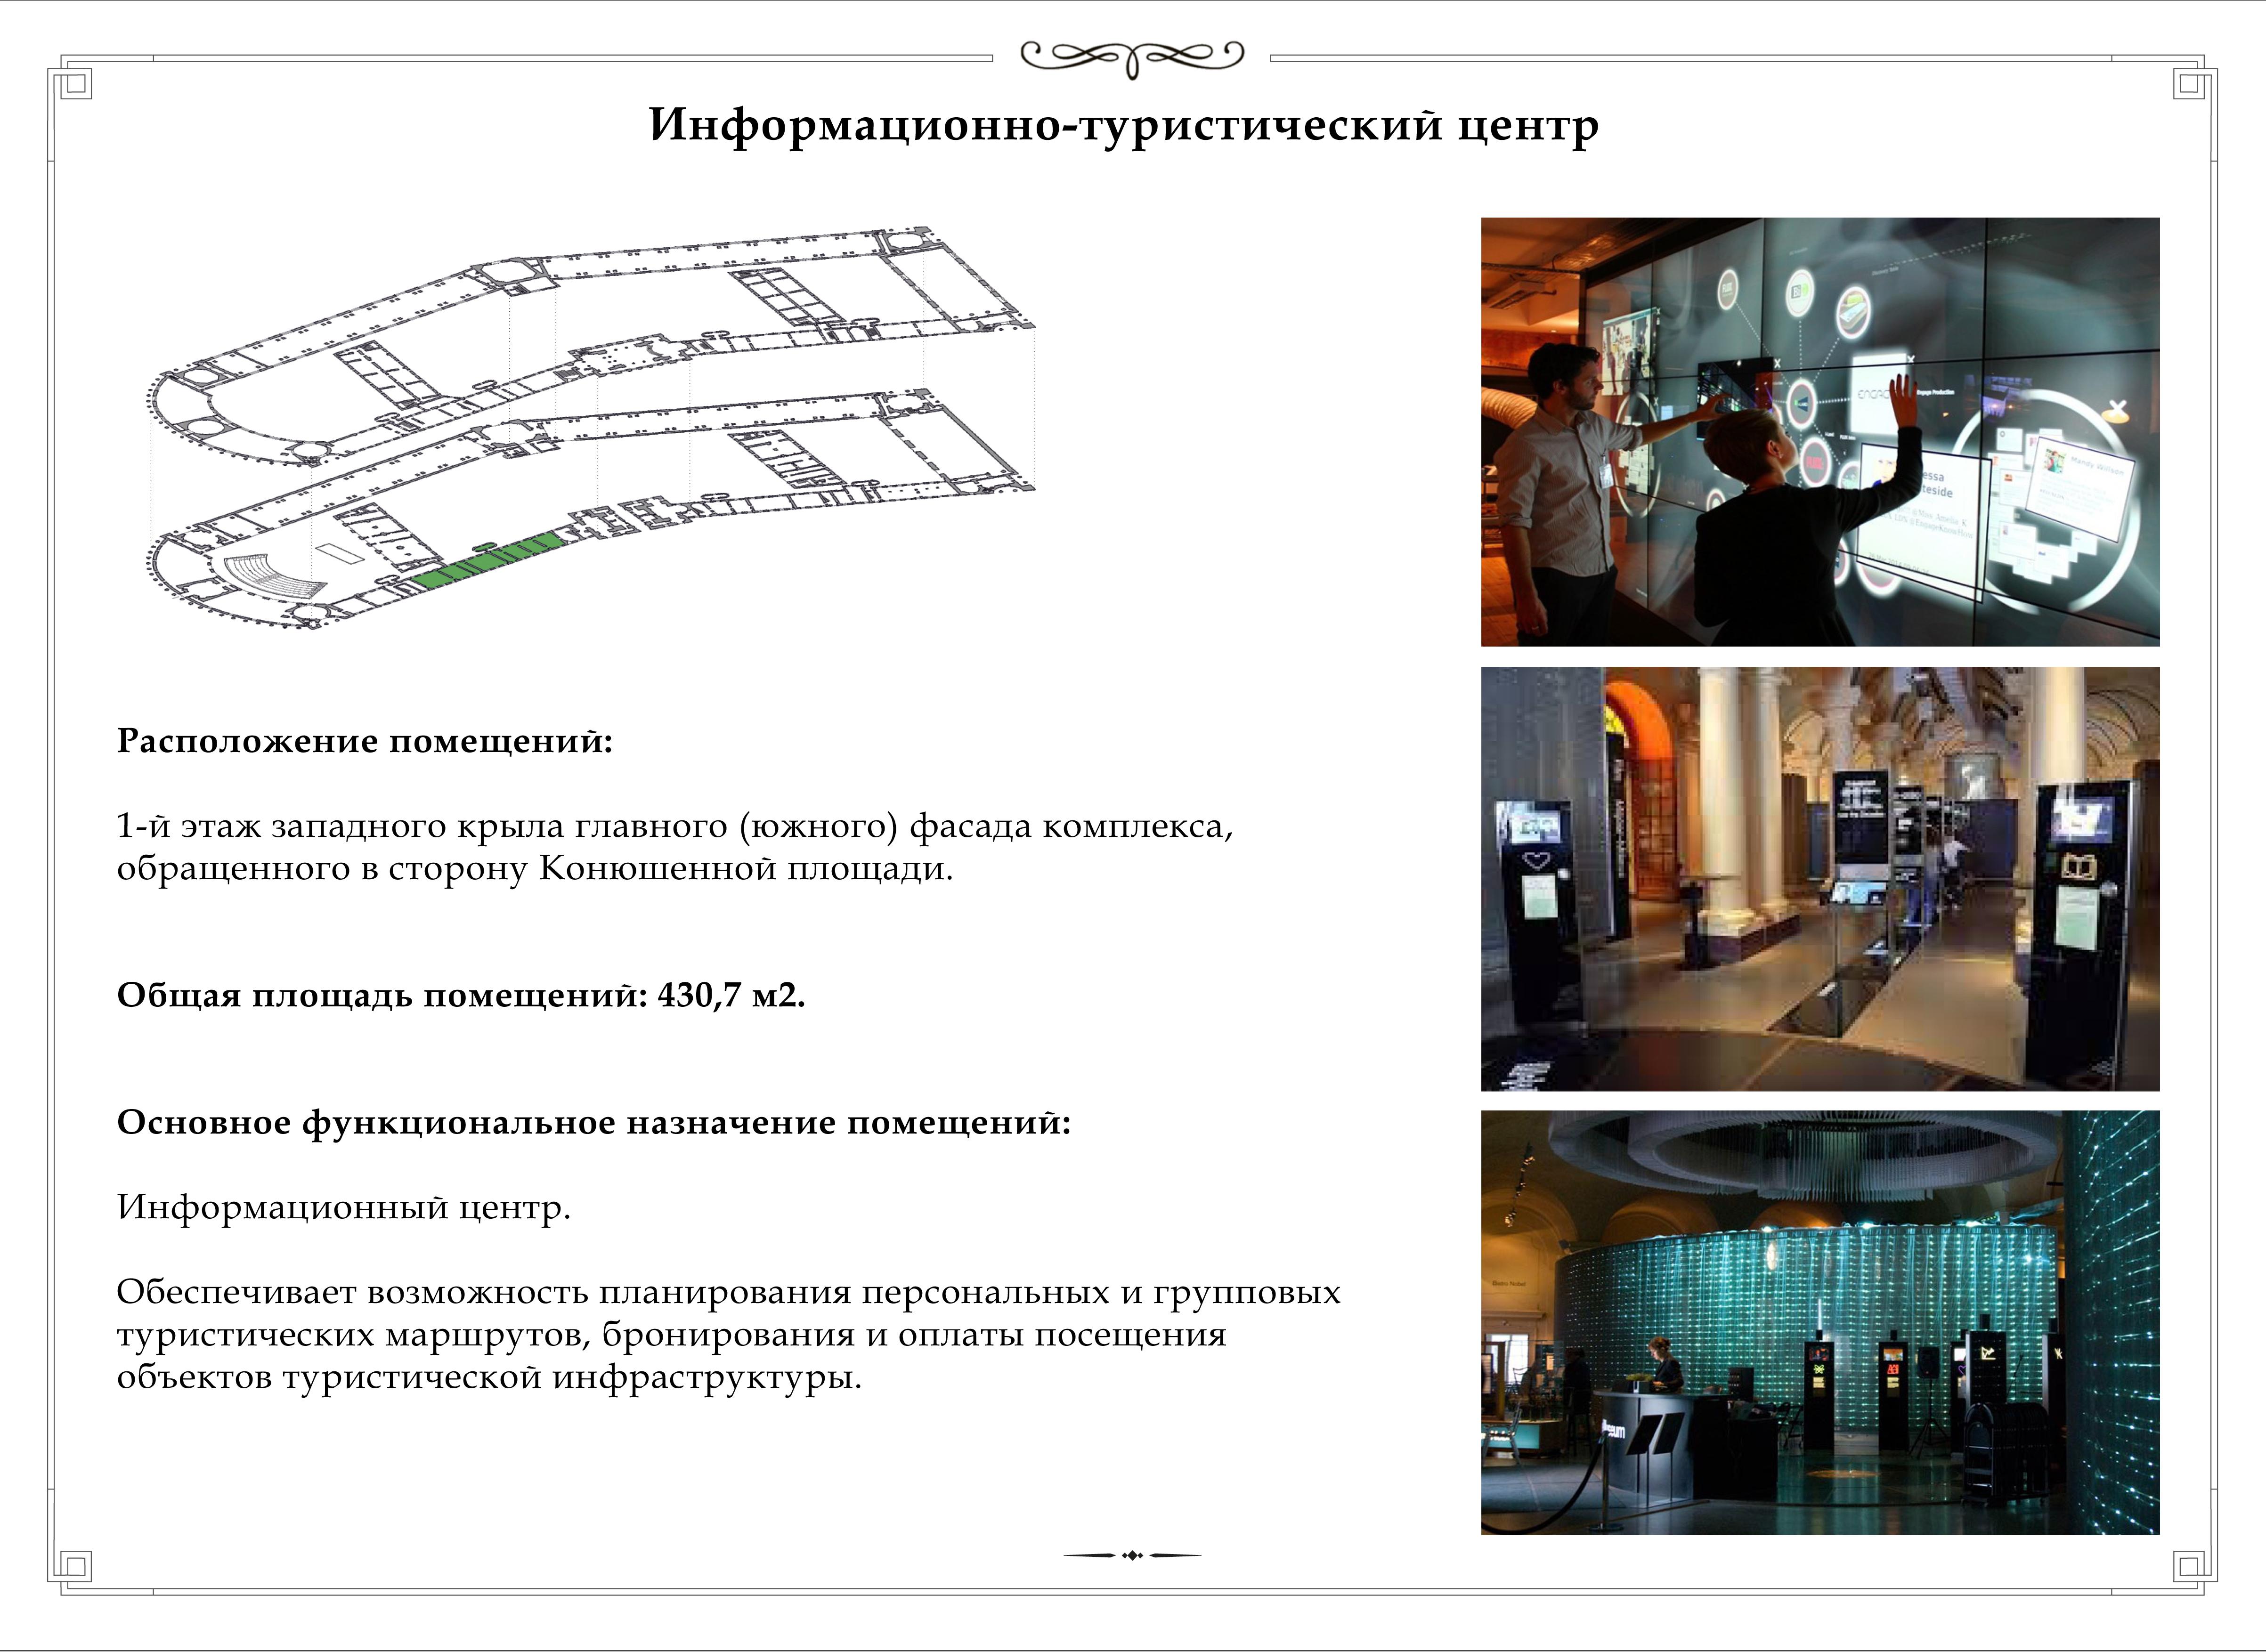 Информационно-туристический центр